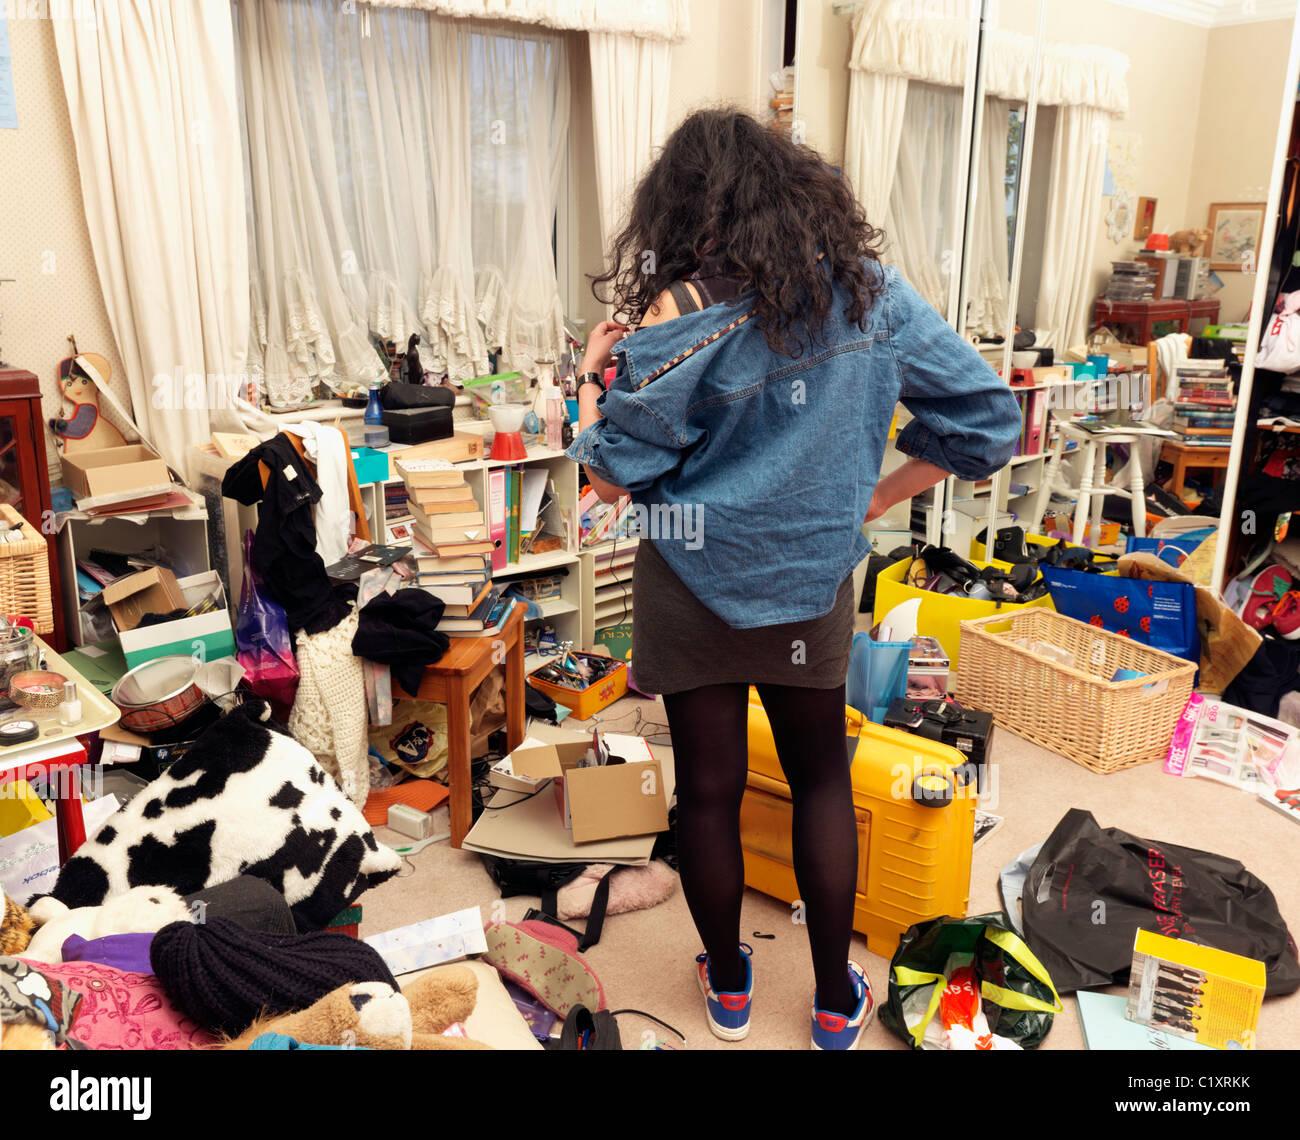 Adolescente en desordenado Dormitorio Imagen De Stock